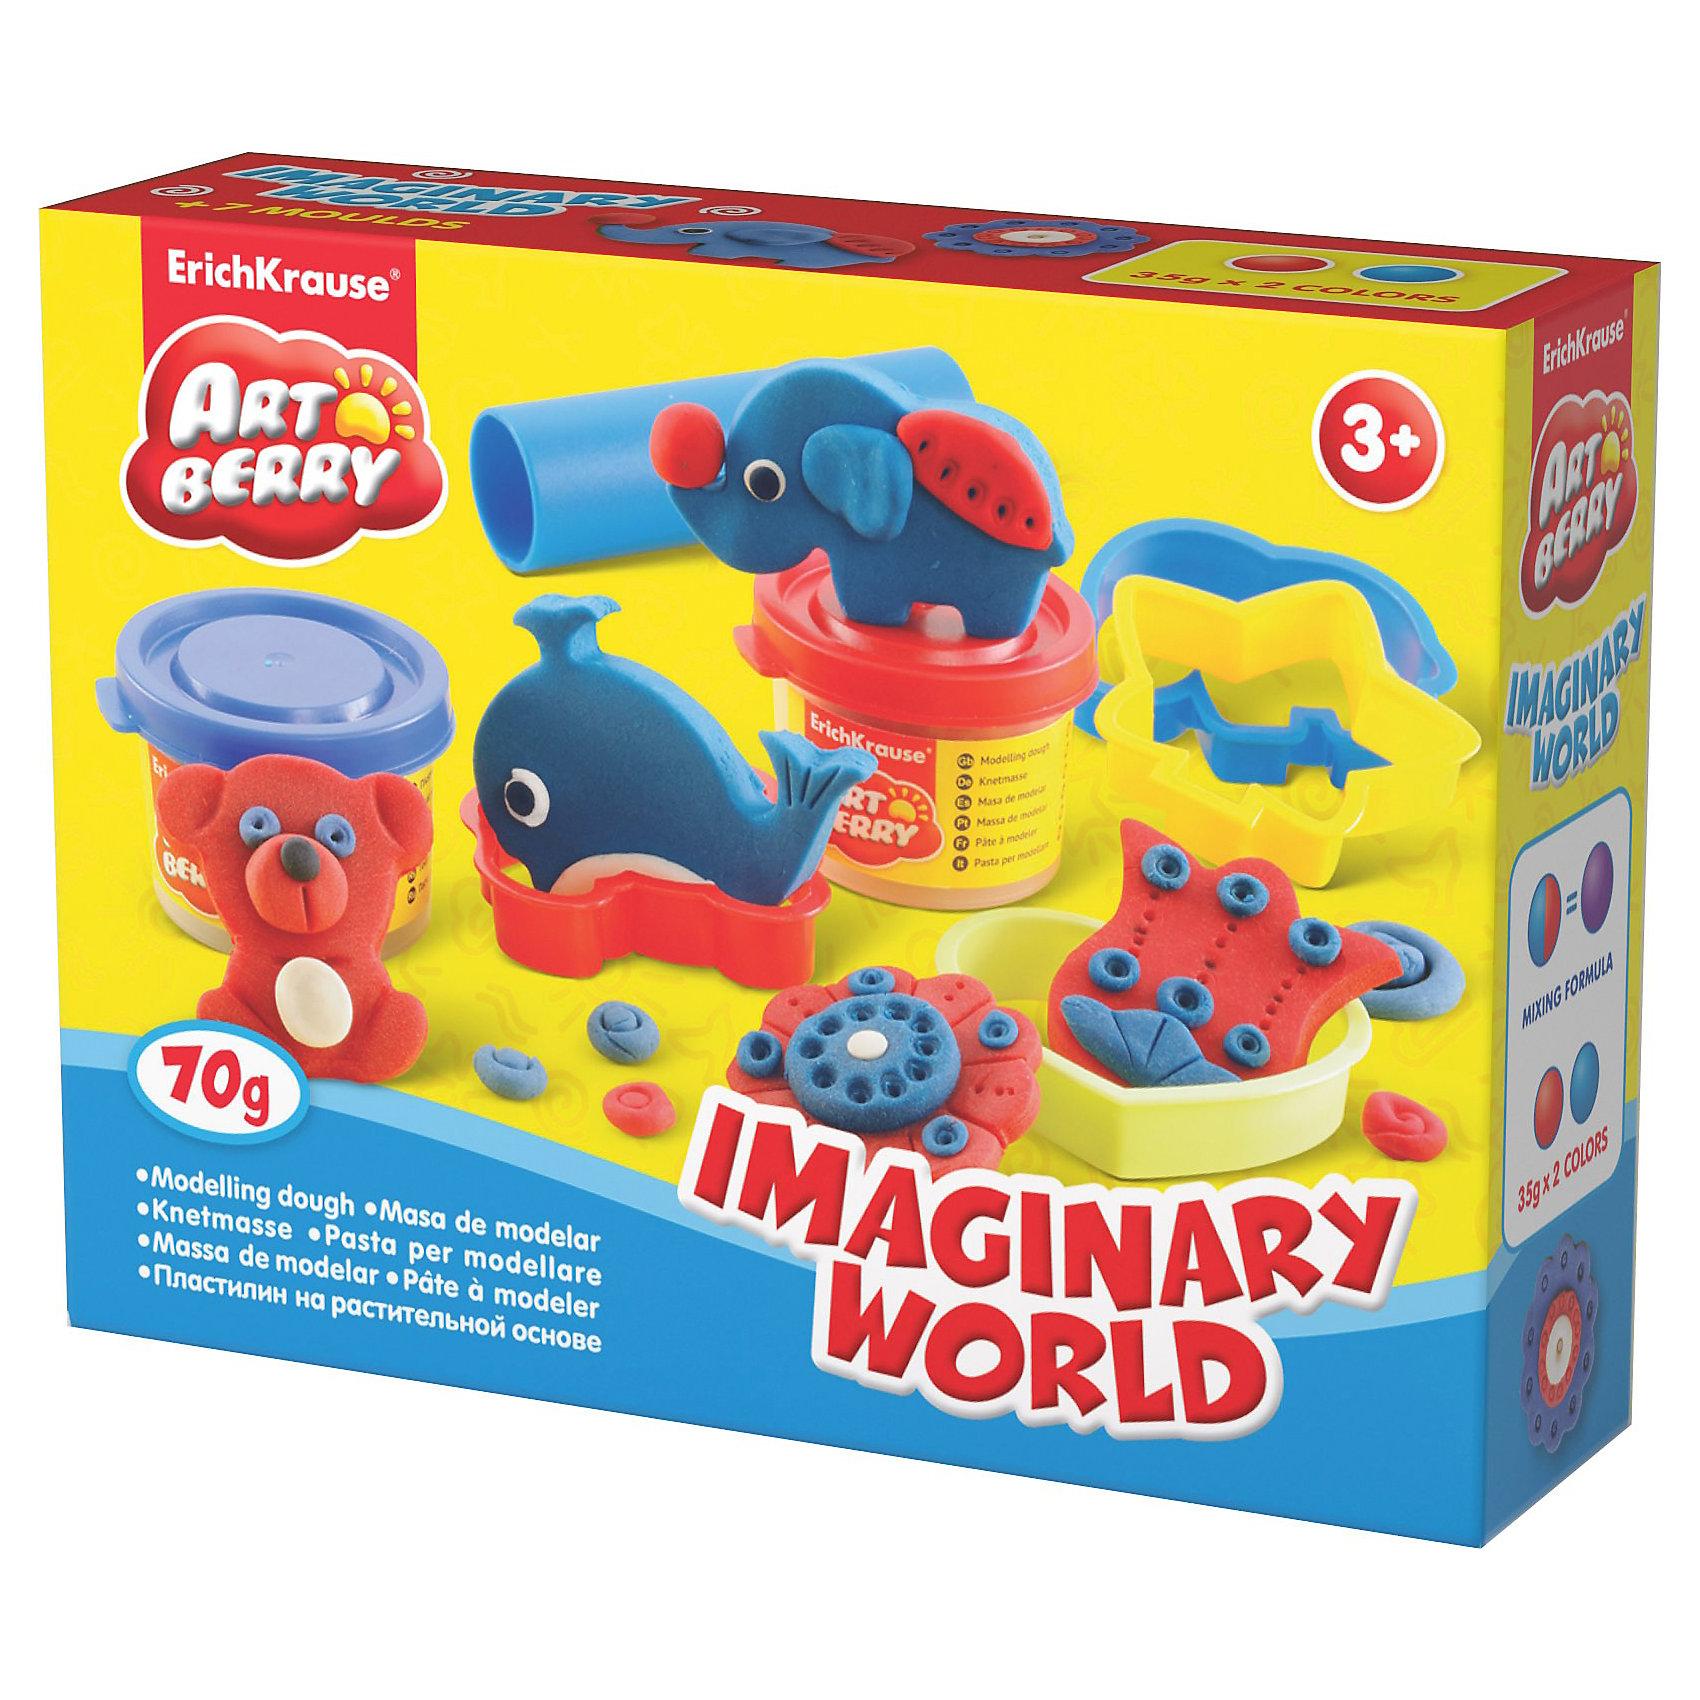 Игровой набор Imaginary World, Artberry, 2 цвПластилин на растительной основе Imaginary World, 2 цв  от Erich Krause (Эрих Краузе) абсолютно безопасен для Вашего малыша!<br><br>Дополнительная информация:<br><br>Состав: 2 цвета пластилина по 35 г + 4 формочки, скалка, стек, шприц.<br>Упаковка: картонная коробка в термоплёнке<br><br>Ширина мм: 160<br>Глубина мм: 40<br>Высота мм: 115<br>Вес г: 176<br>Возраст от месяцев: 36<br>Возраст до месяцев: 144<br>Пол: Унисекс<br>Возраст: Детский<br>SKU: 3293865